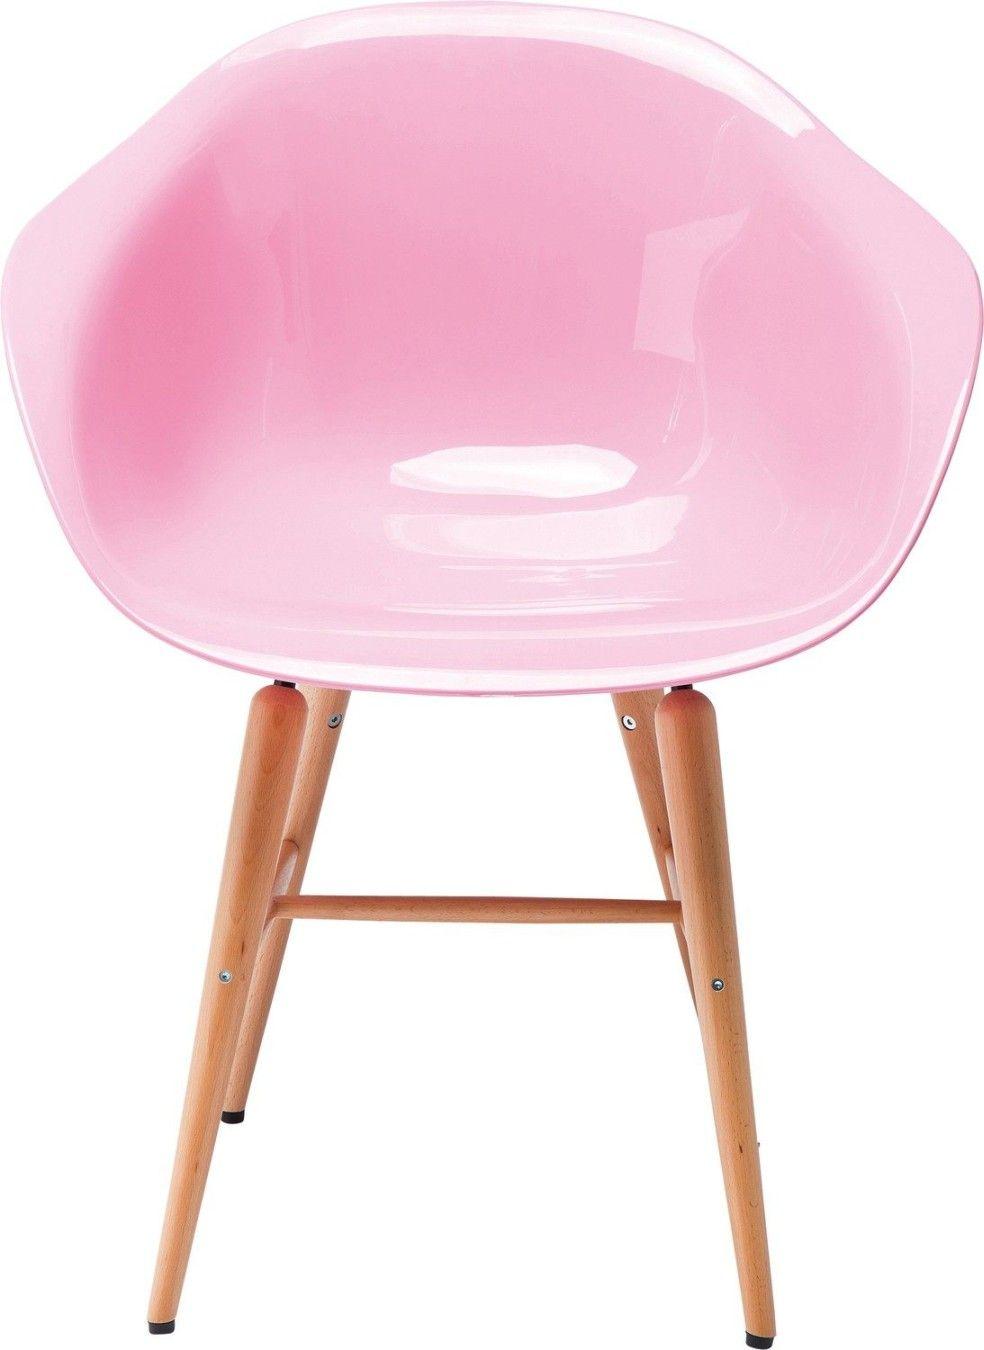 Beeindruckend Esszimmer Drehstuhl Mit Armlehne Das Beste Von Stuhl Kunststoffstuhl Schalenstuhl Retro Rosa Neu Kare